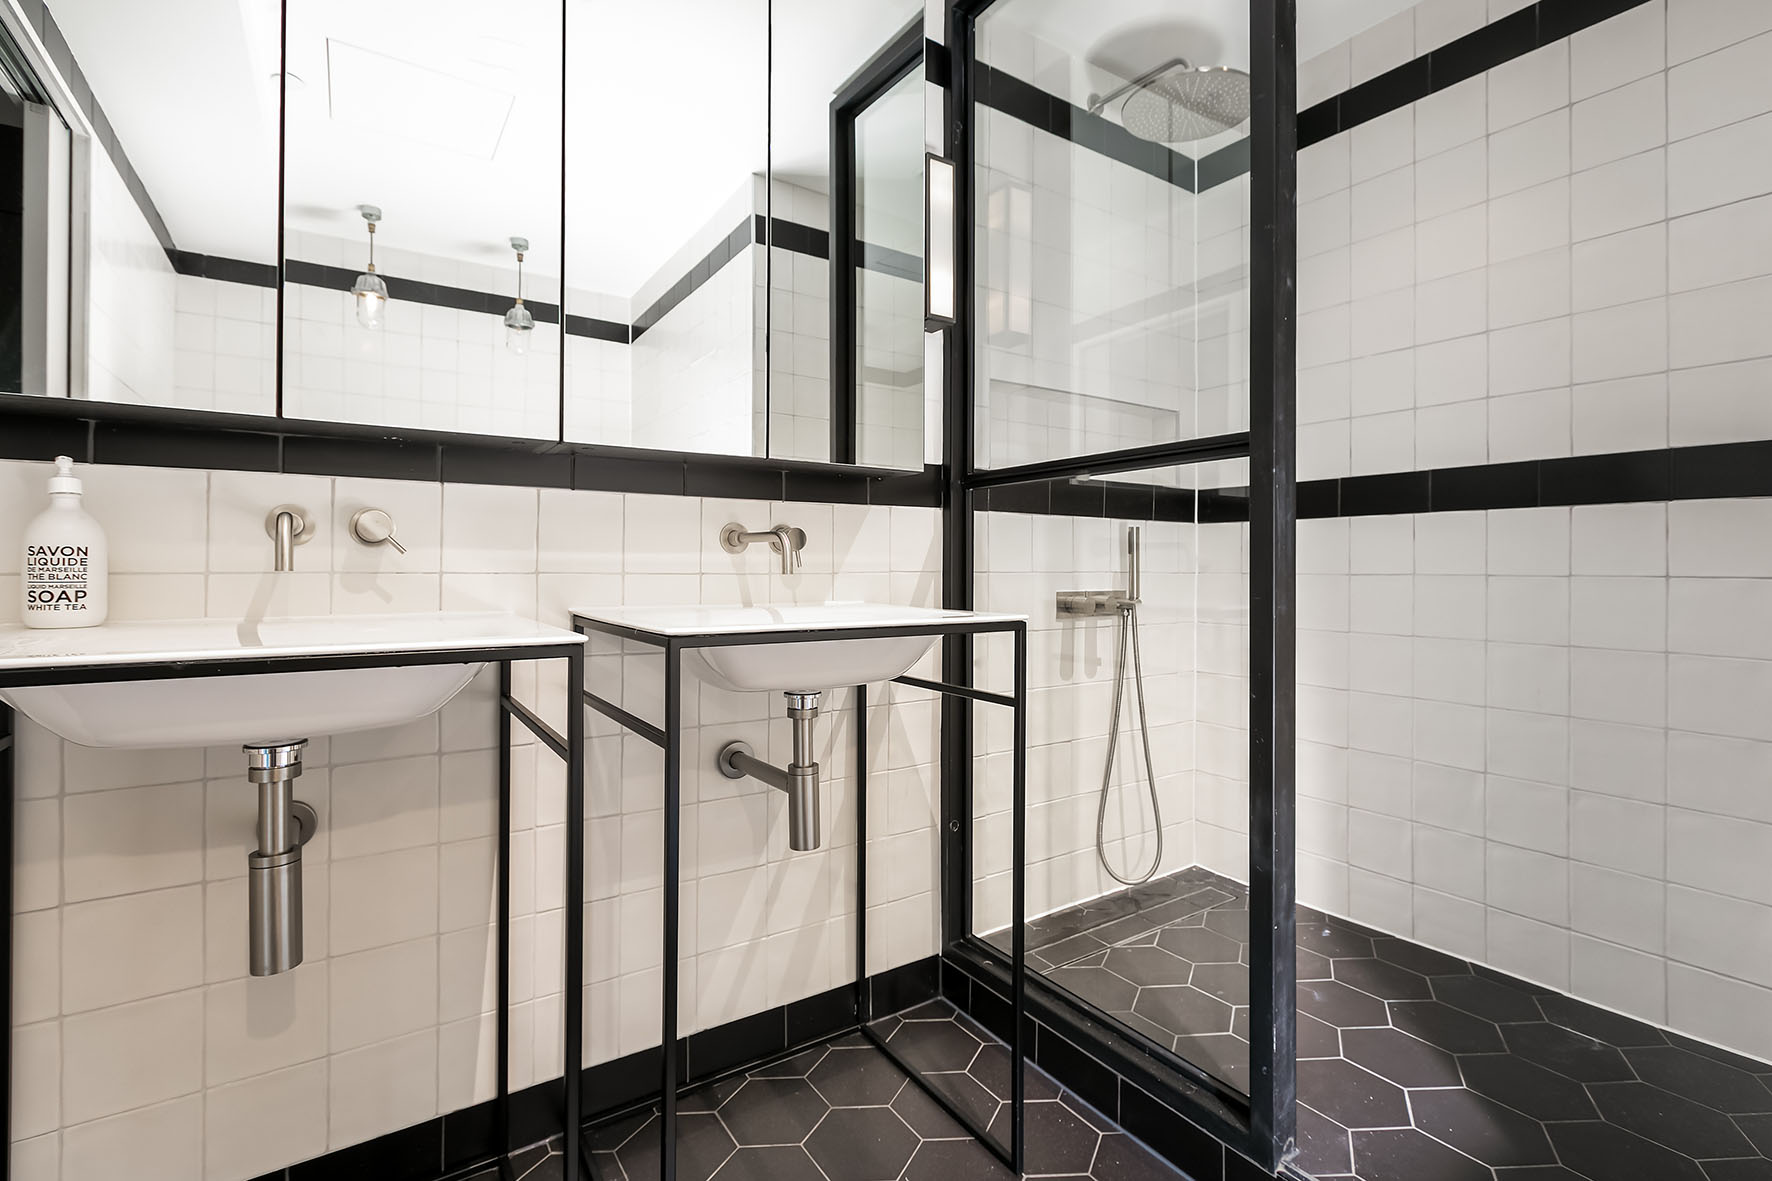 Lovelydays luxury service apartment rental - London - Soho - Noel Street VI - Lovelysuite - 2 bedrooms - 2 bathrooms - Lovely shower - 1051e6325d6e - Lovelydays